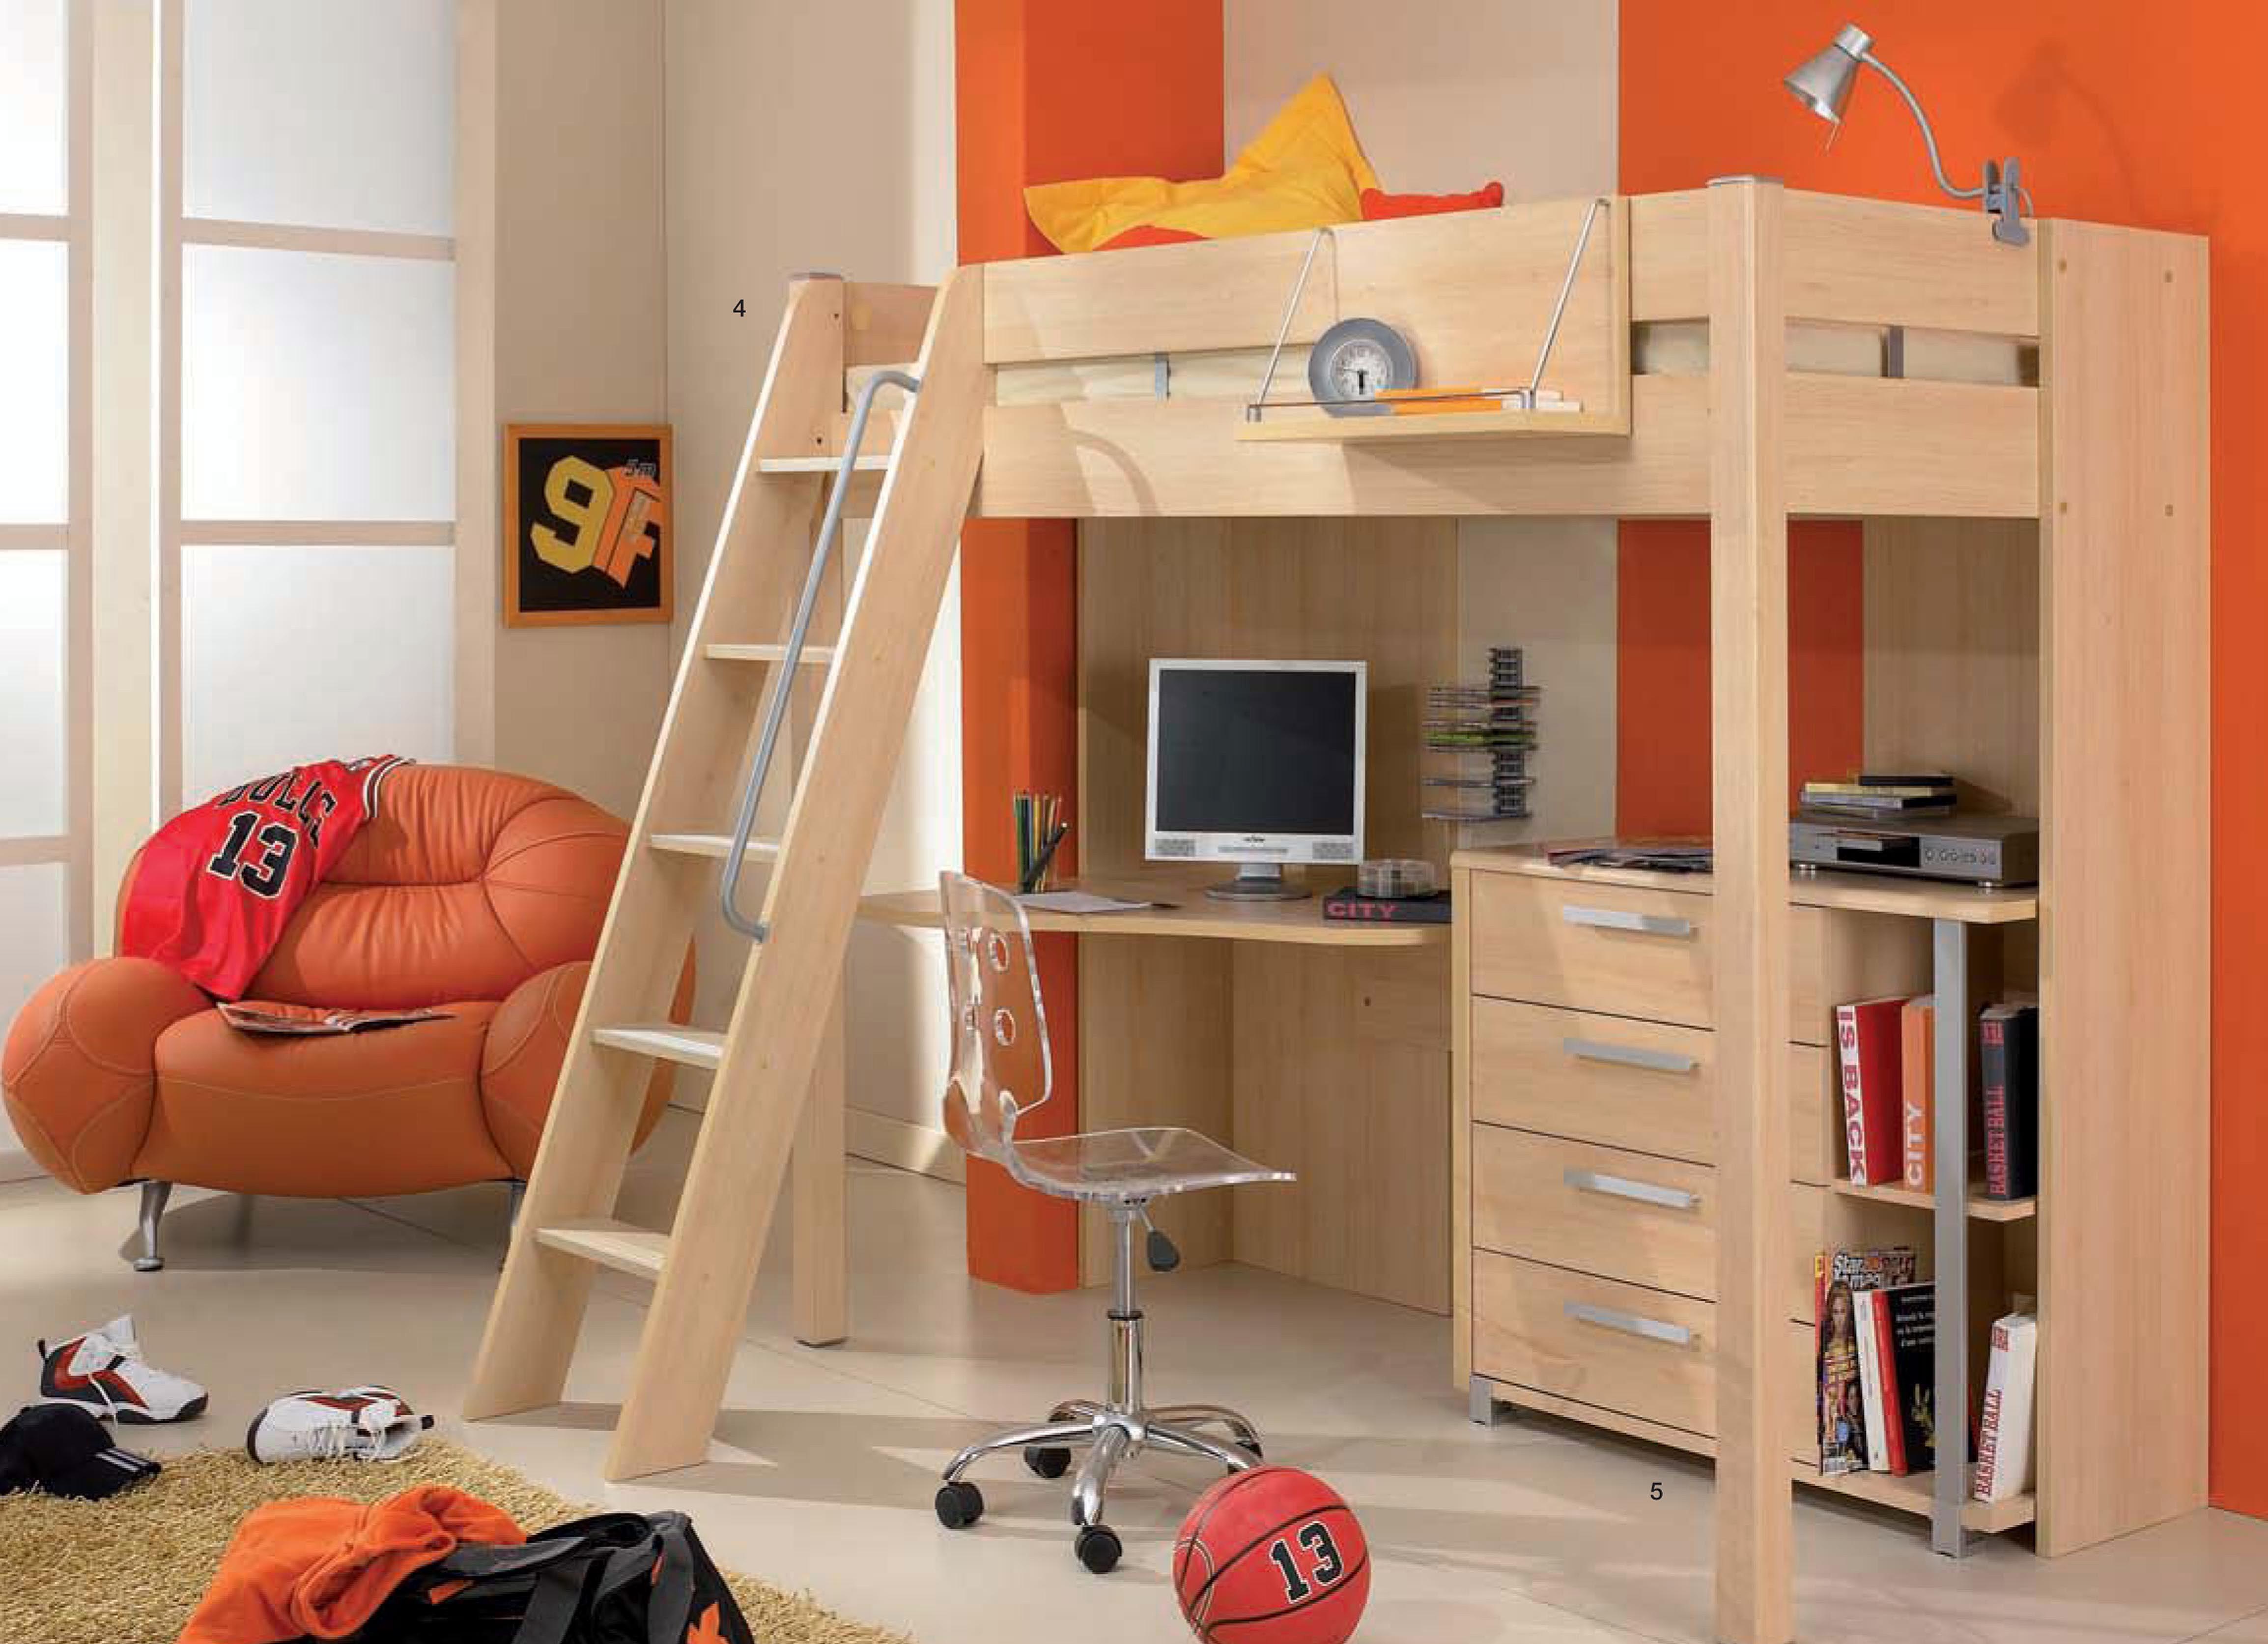 Maderitas dormitorios infantiles y juveniles cama alta con escritorio - Cama alta con escritorio ...